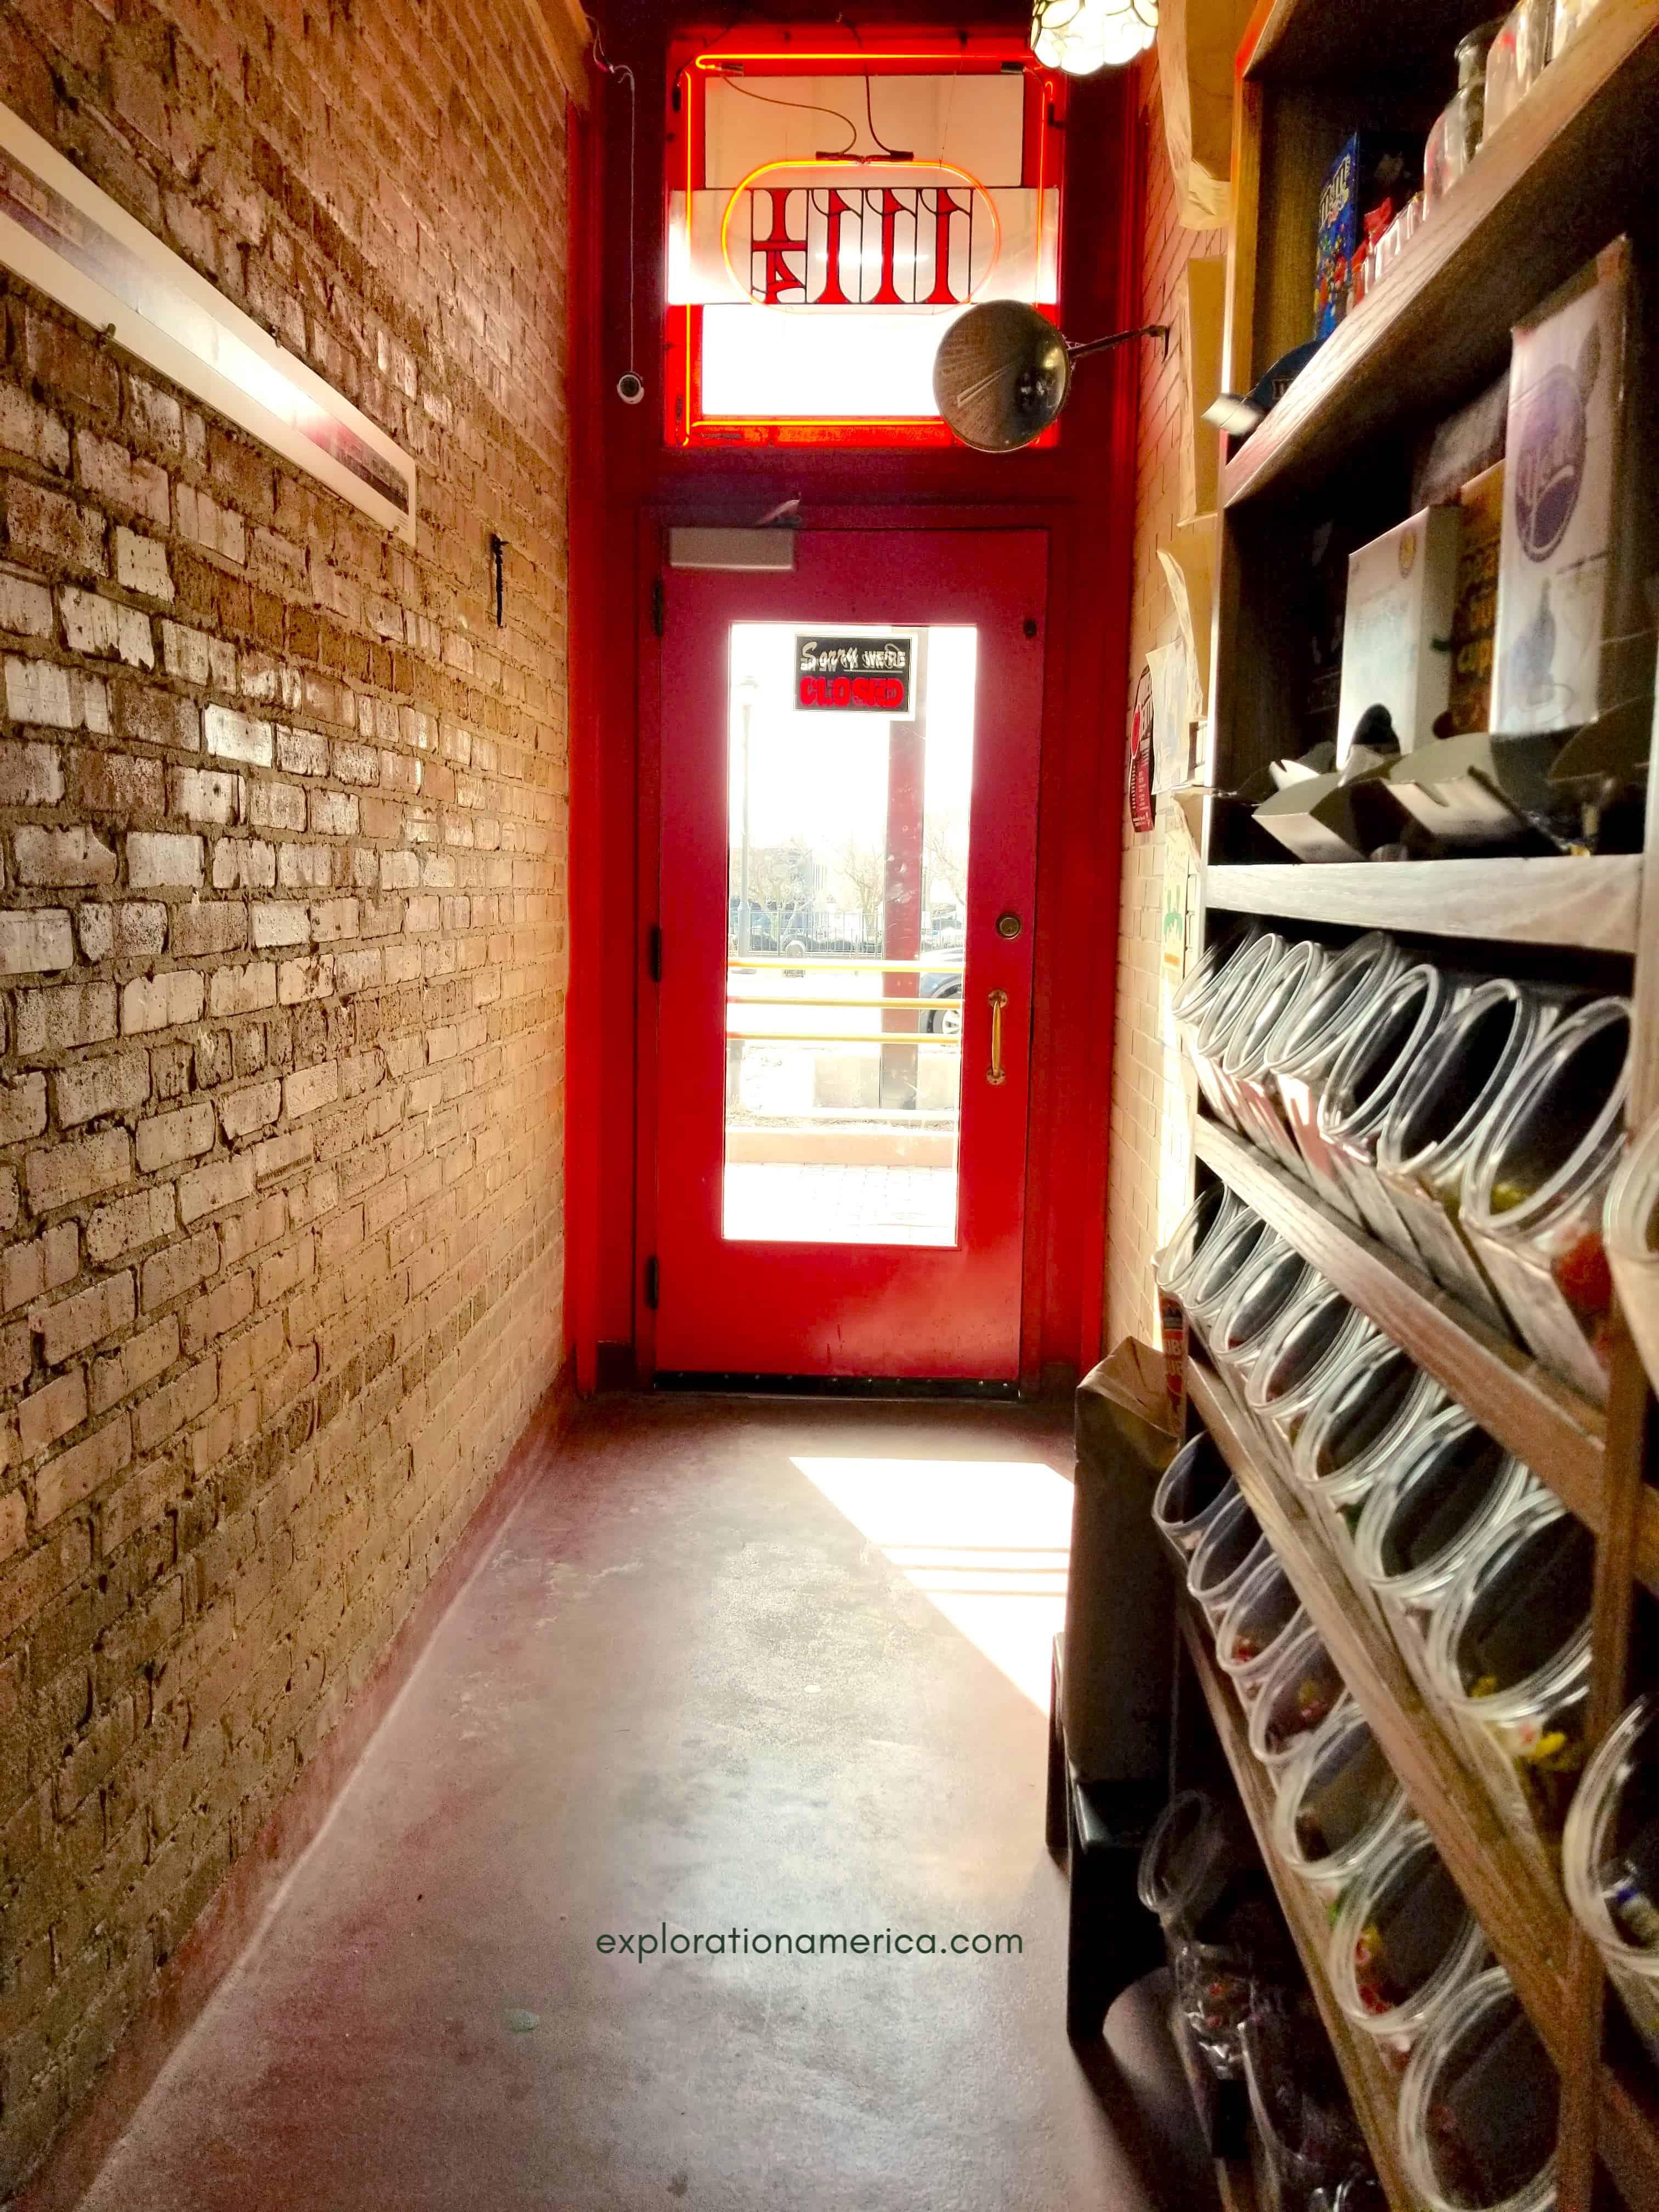 Popcorn Shop alley entrance